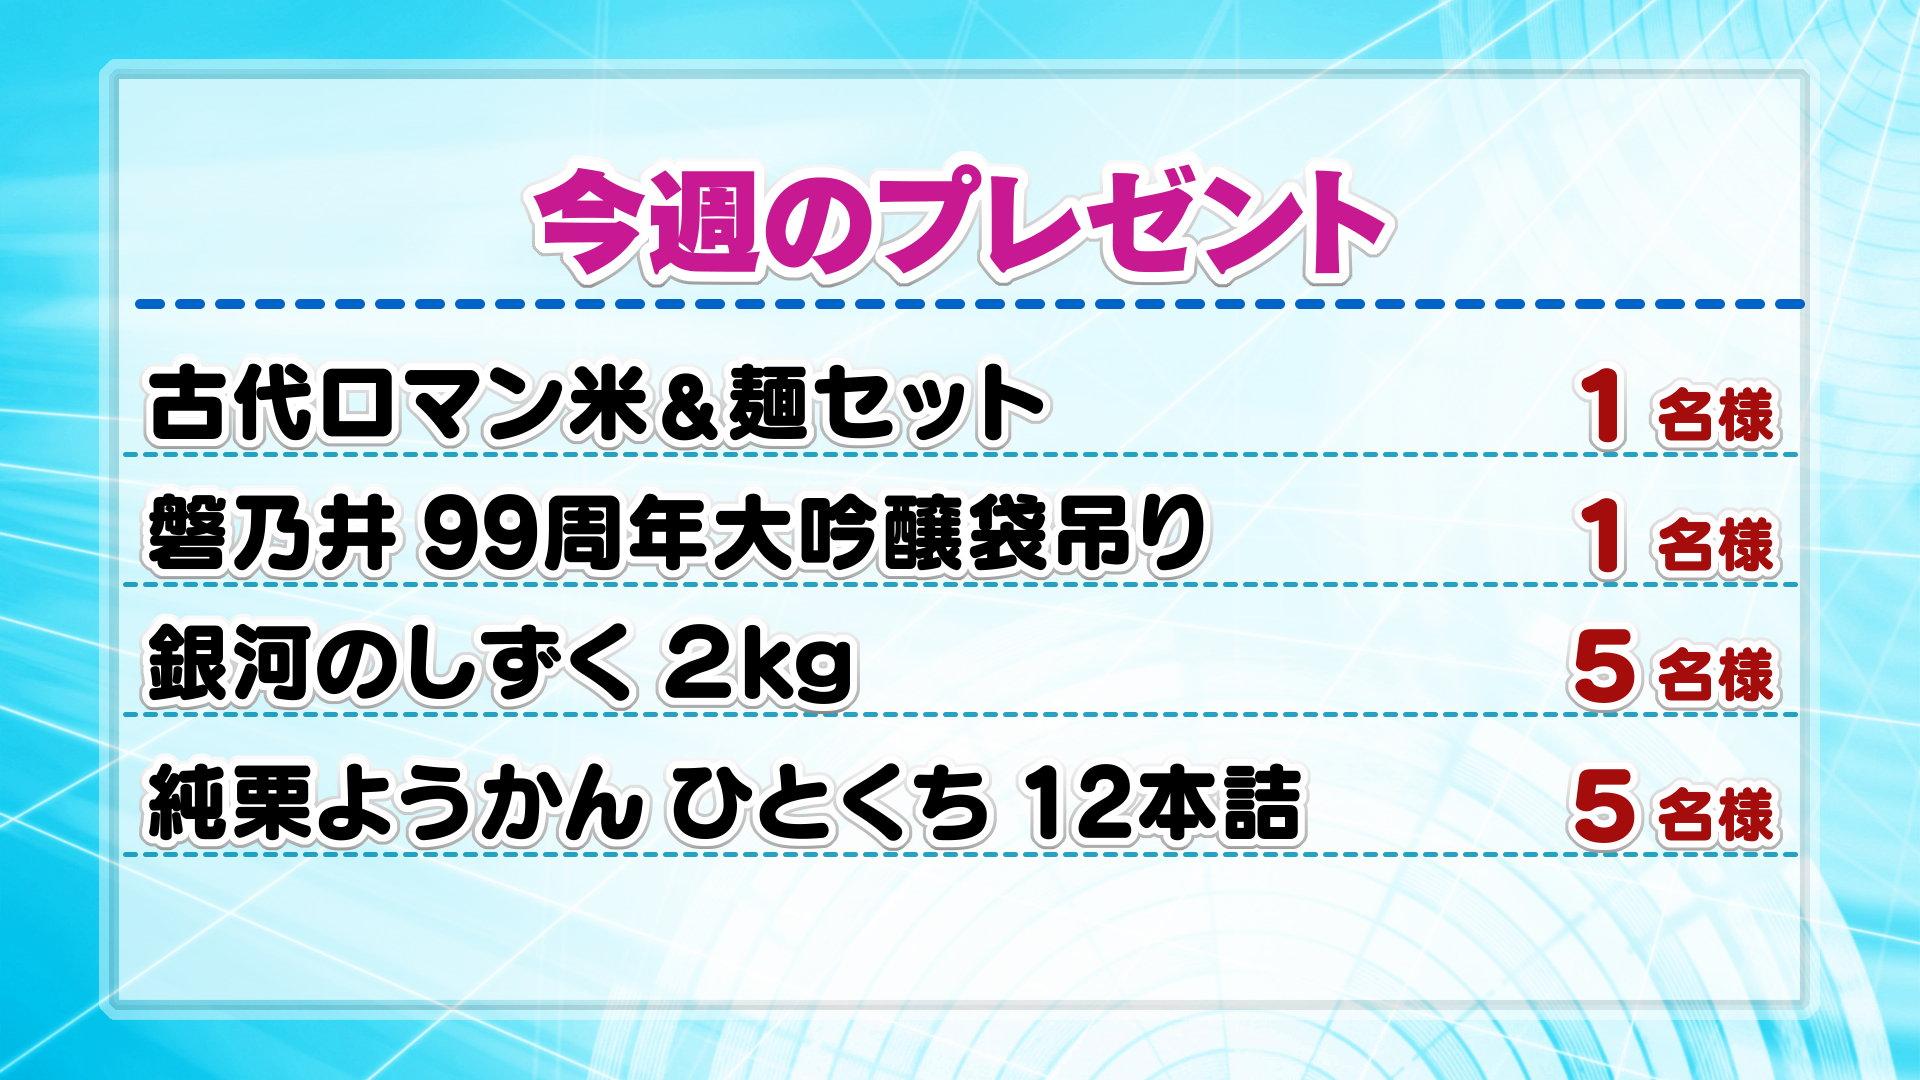 9/24(土)放送分のプレゼント